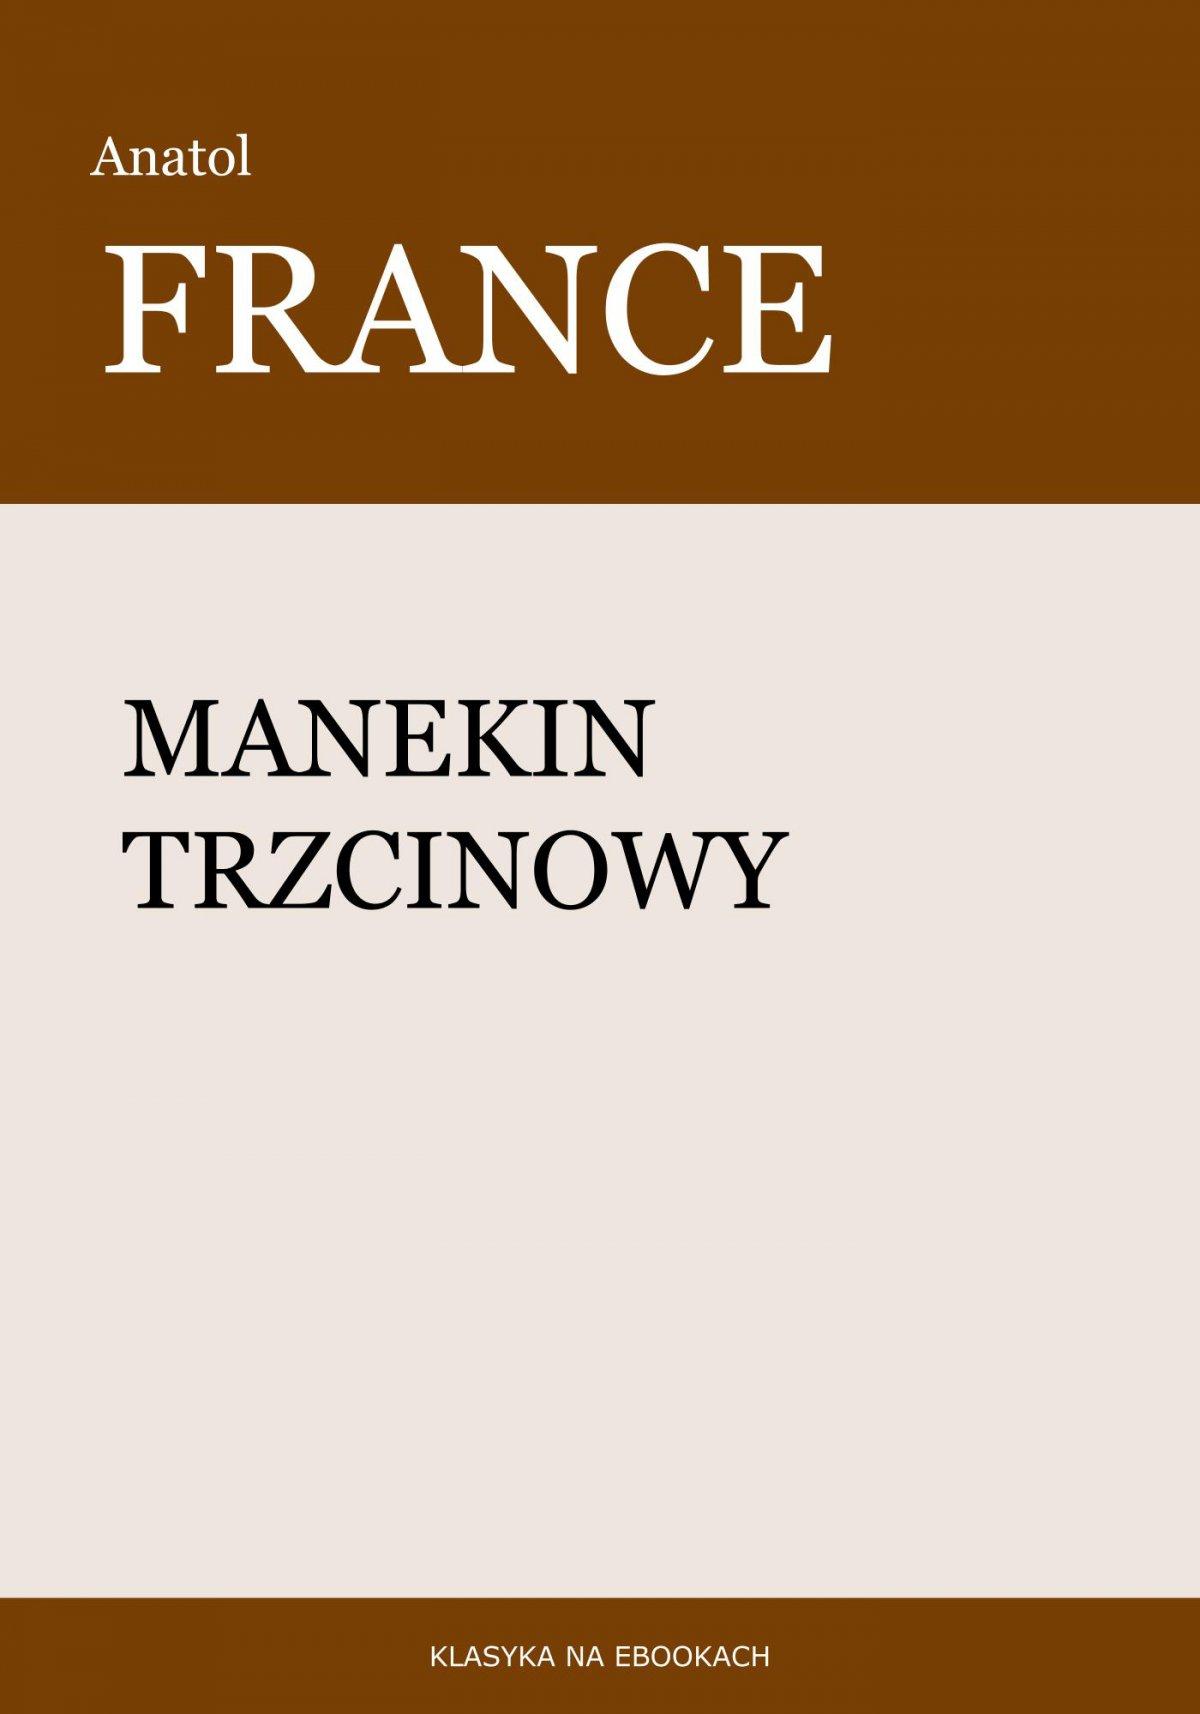 Manekin trzcinowy - Ebook (Książka EPUB) do pobrania w formacie EPUB